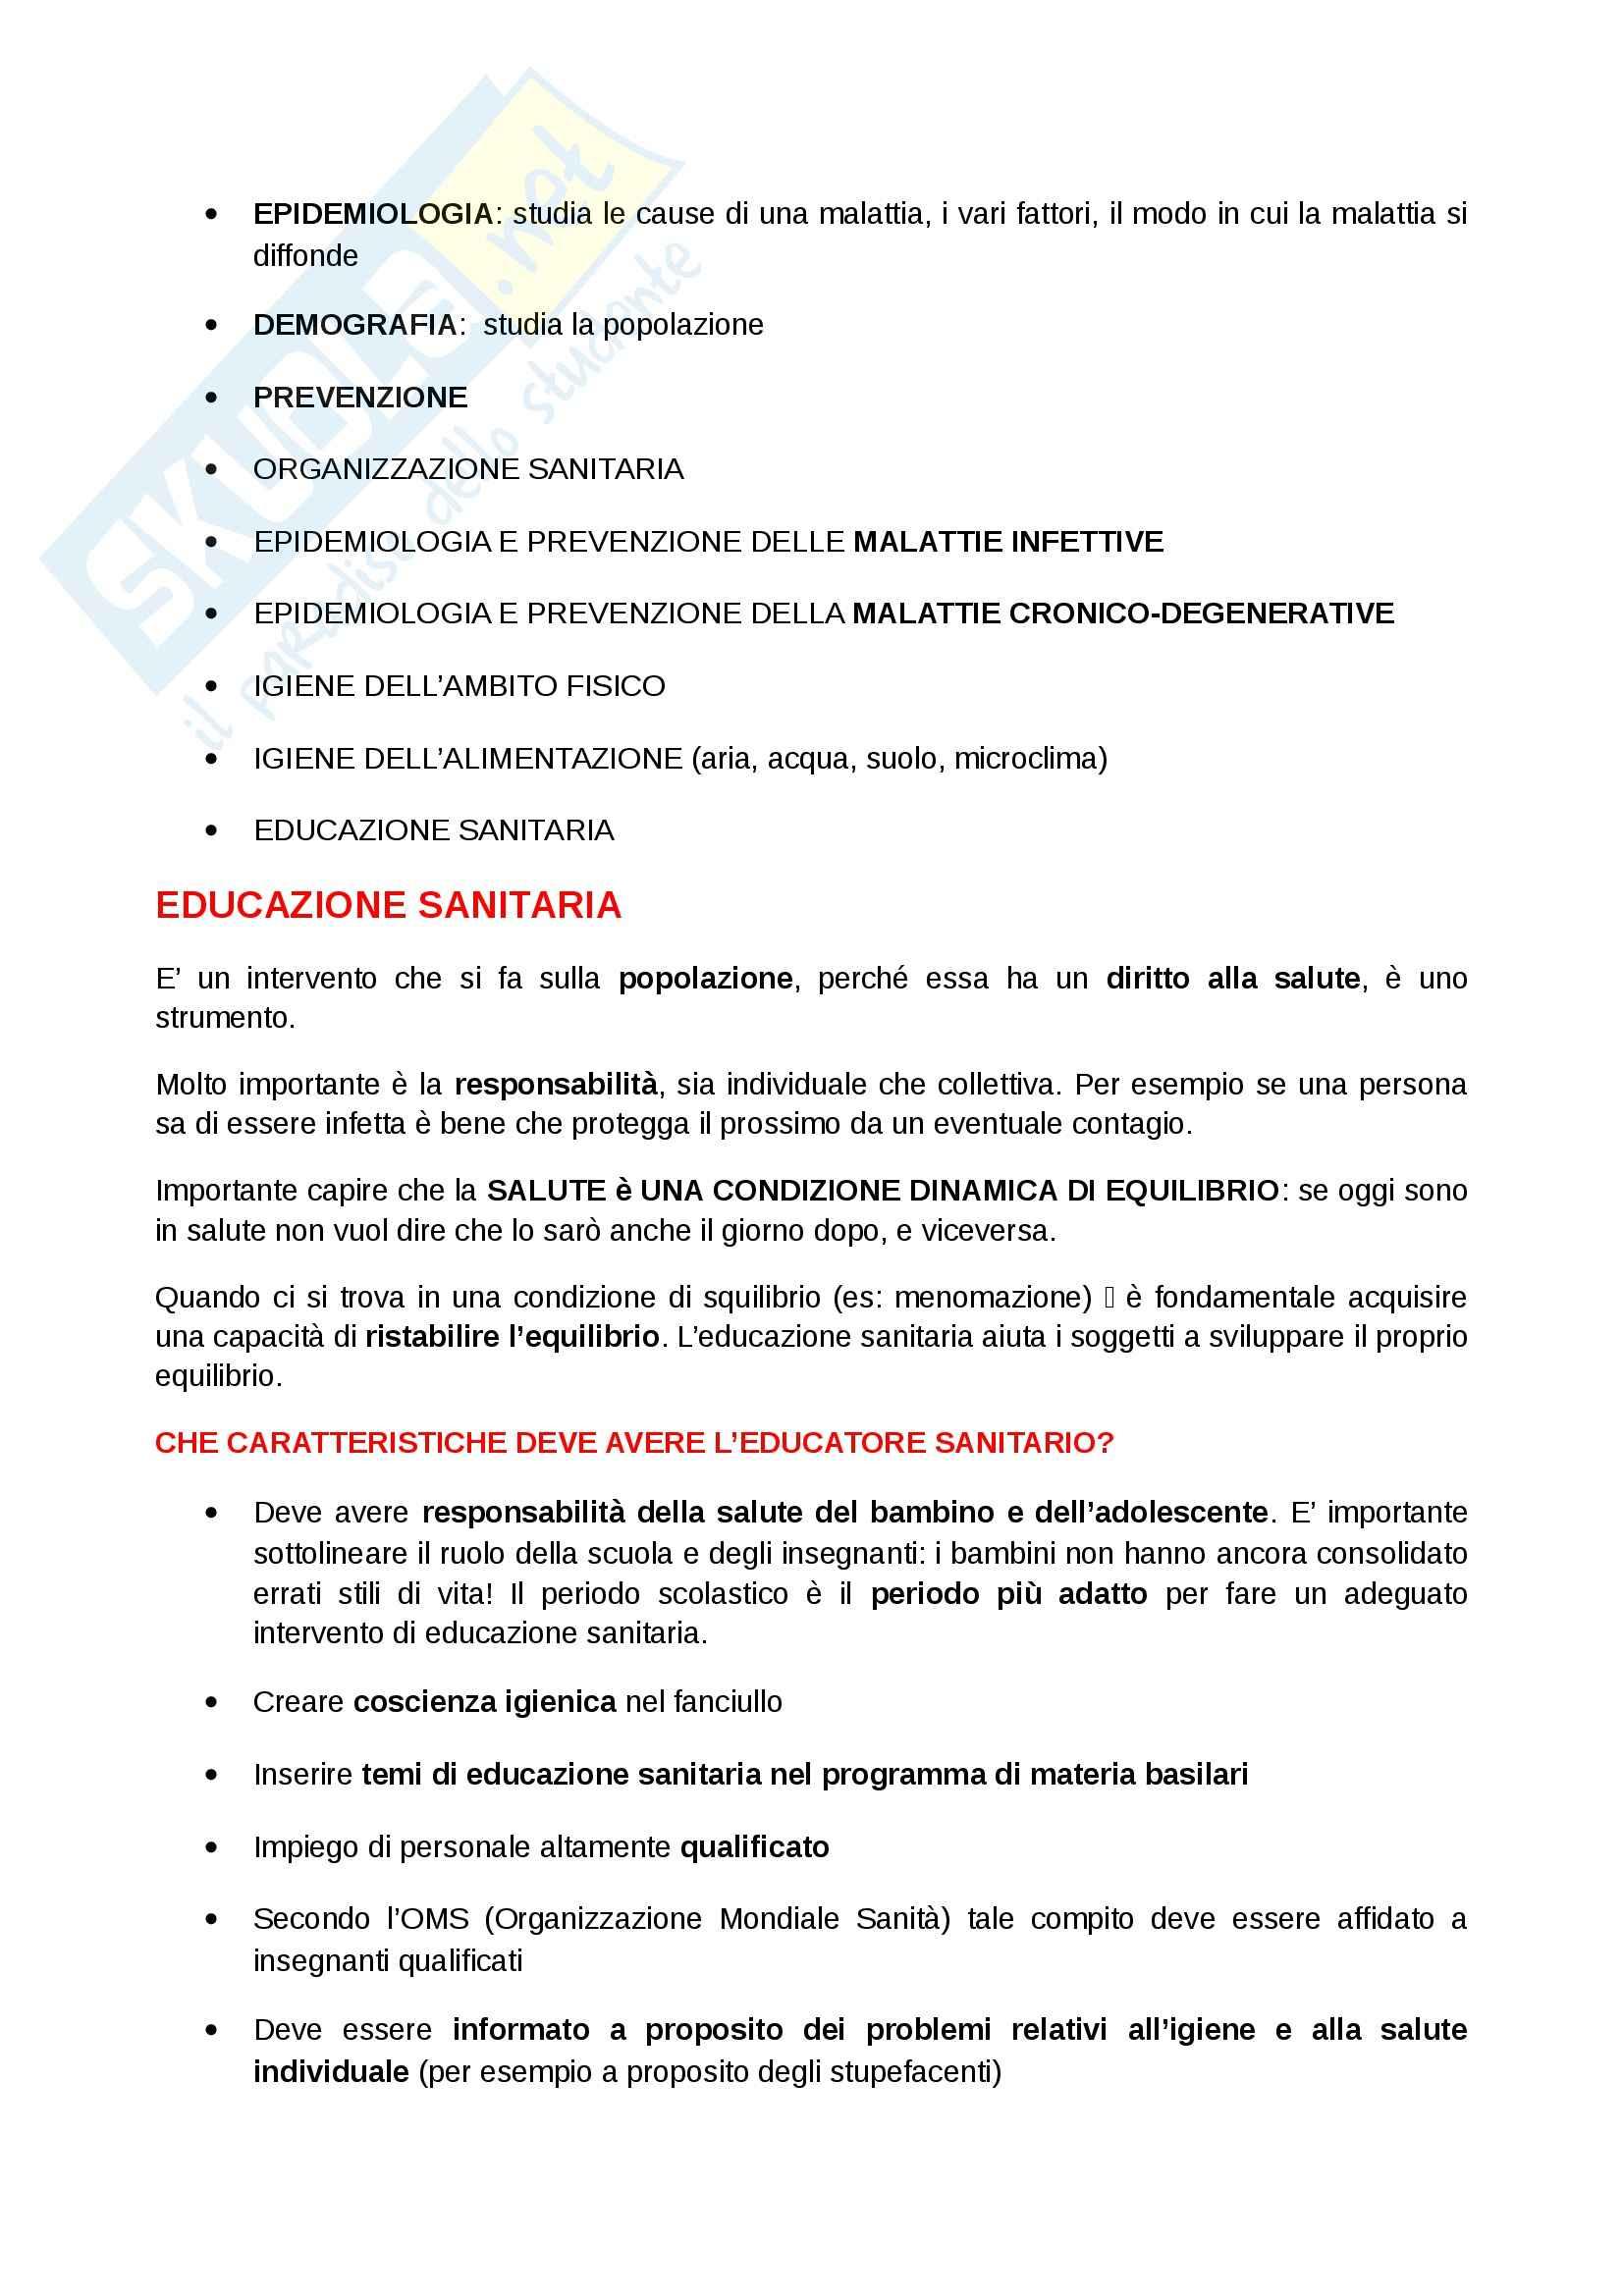 Igiene e sanità pubblica per le scienze motorie  - Appunti Pag. 2